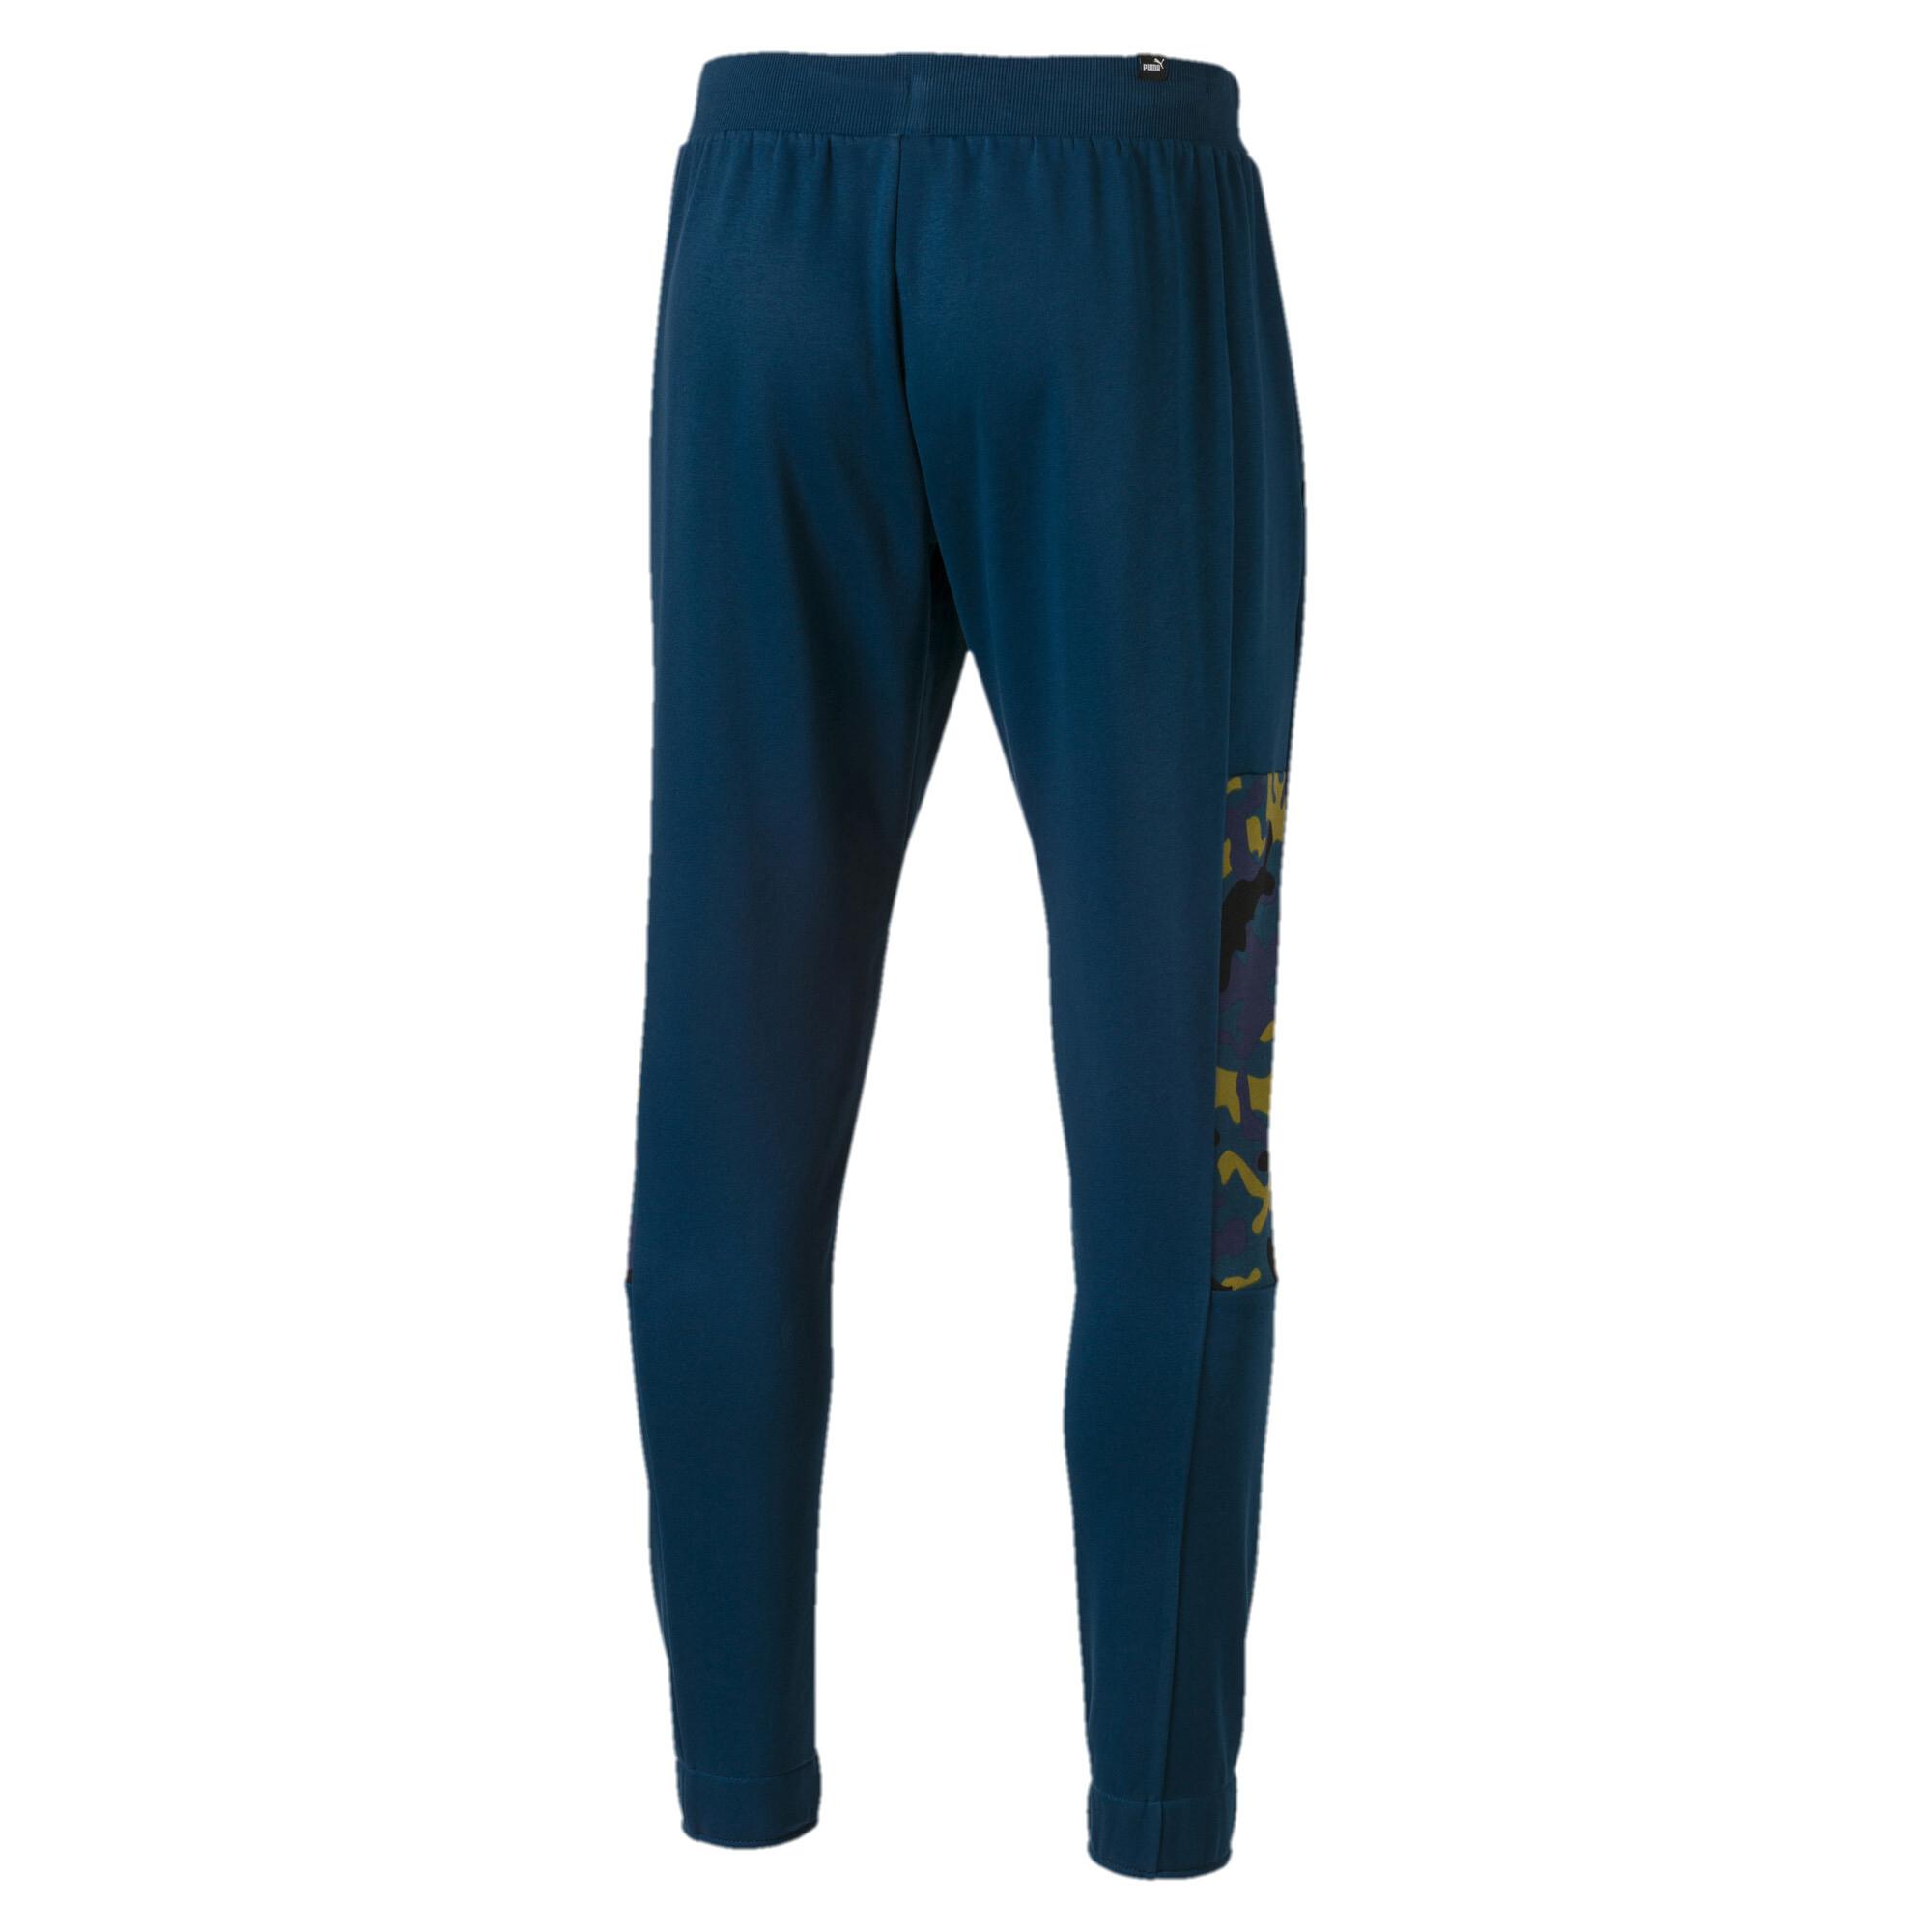 Puma-Pantalones-De-Hombre-Camuflaje-rebelde-hombre-de-punto-pantalones-Basics miniatura 7